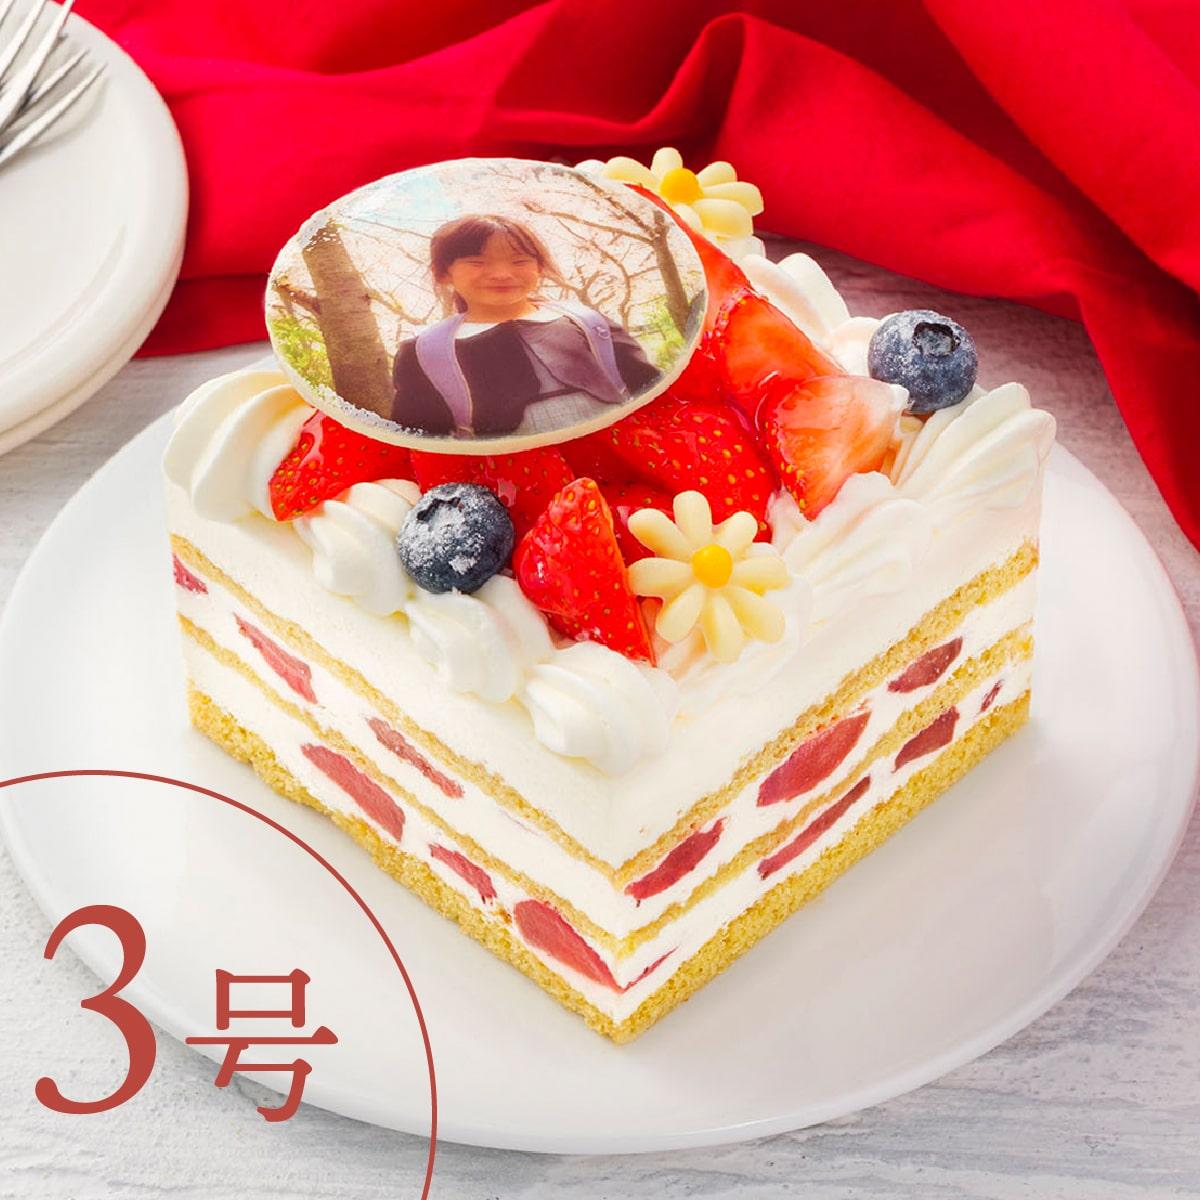 【3号】【写真プレート付き】イチゴいっぱいショートケーキ|1人でも楽しめるショートケーキ【配送専用】